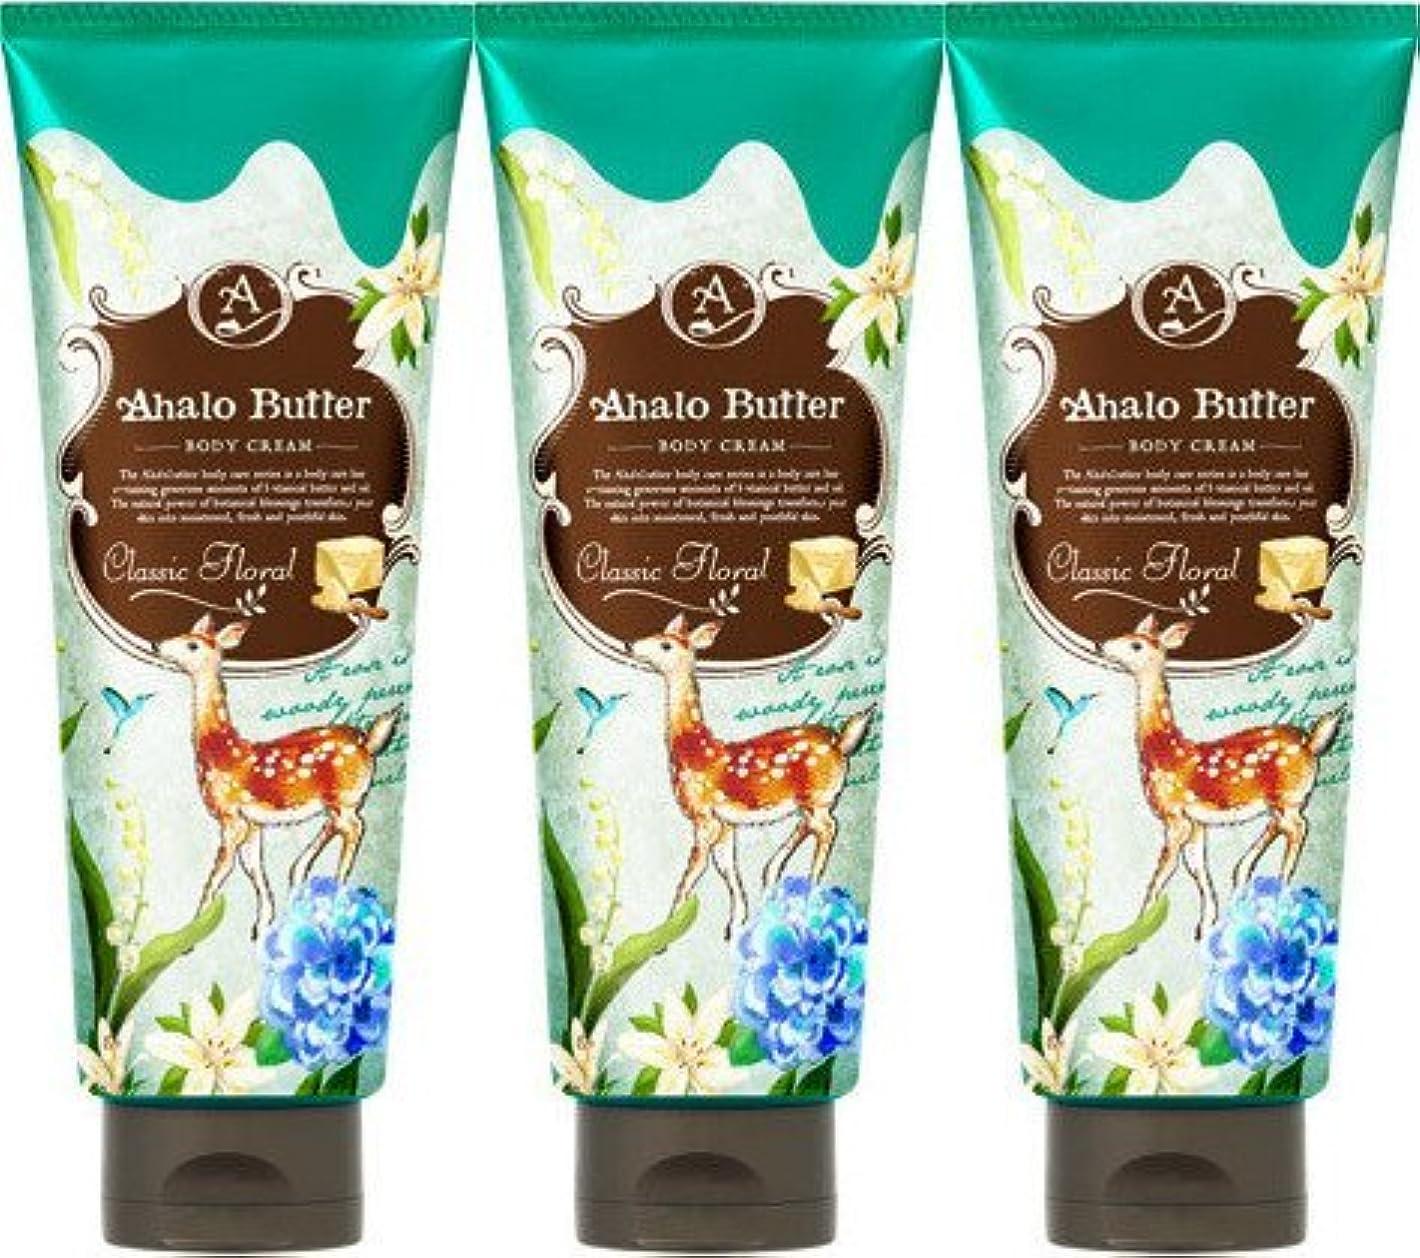 南破壊心のこもった【3個セット】Ahalo butter(アハロバター) ボディクリーム クラシックフローラル 150g